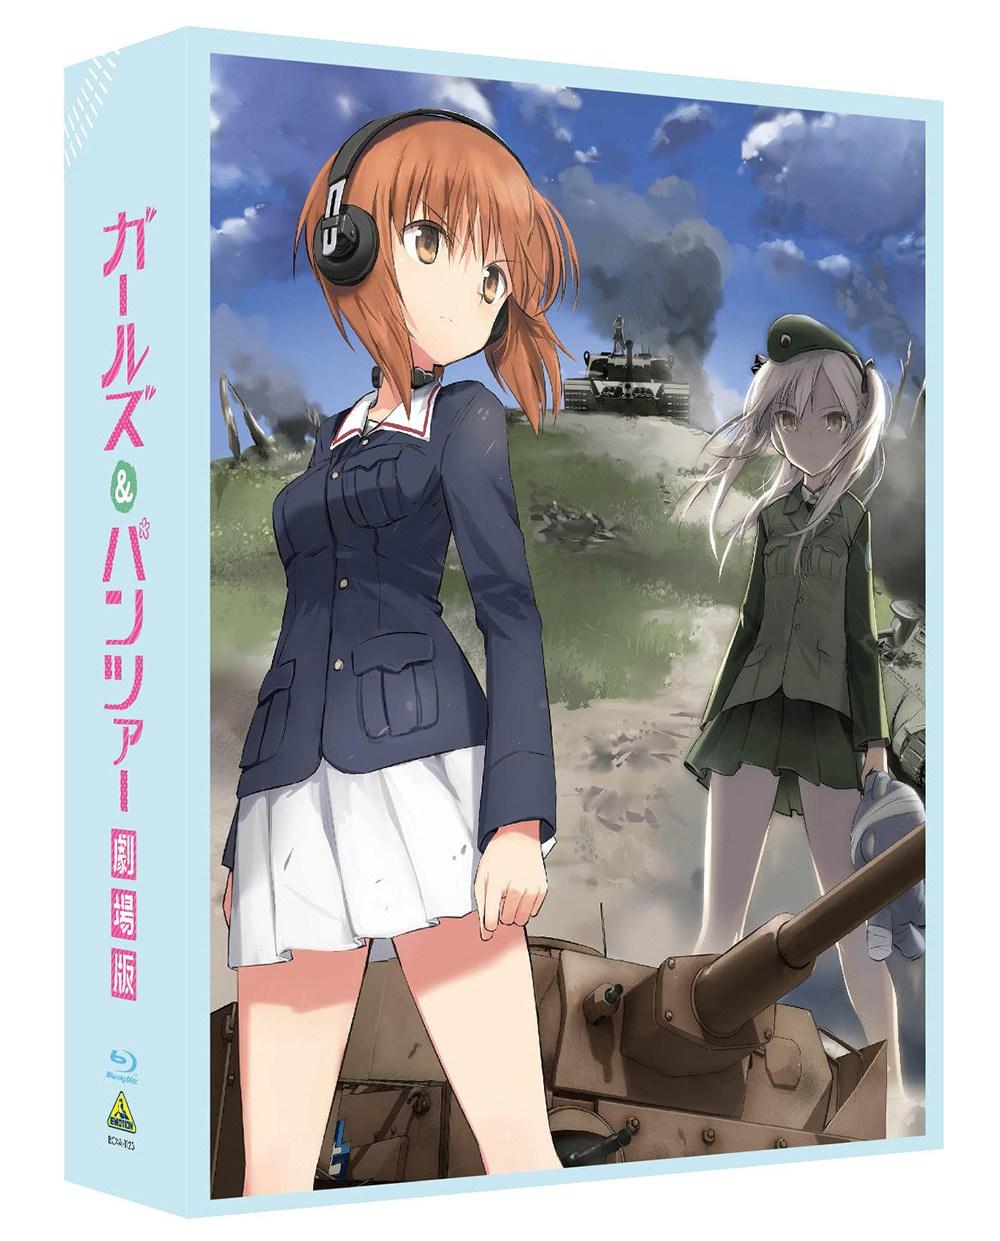 Girls-Und-Panzer-Movie-Blu-ray-Box